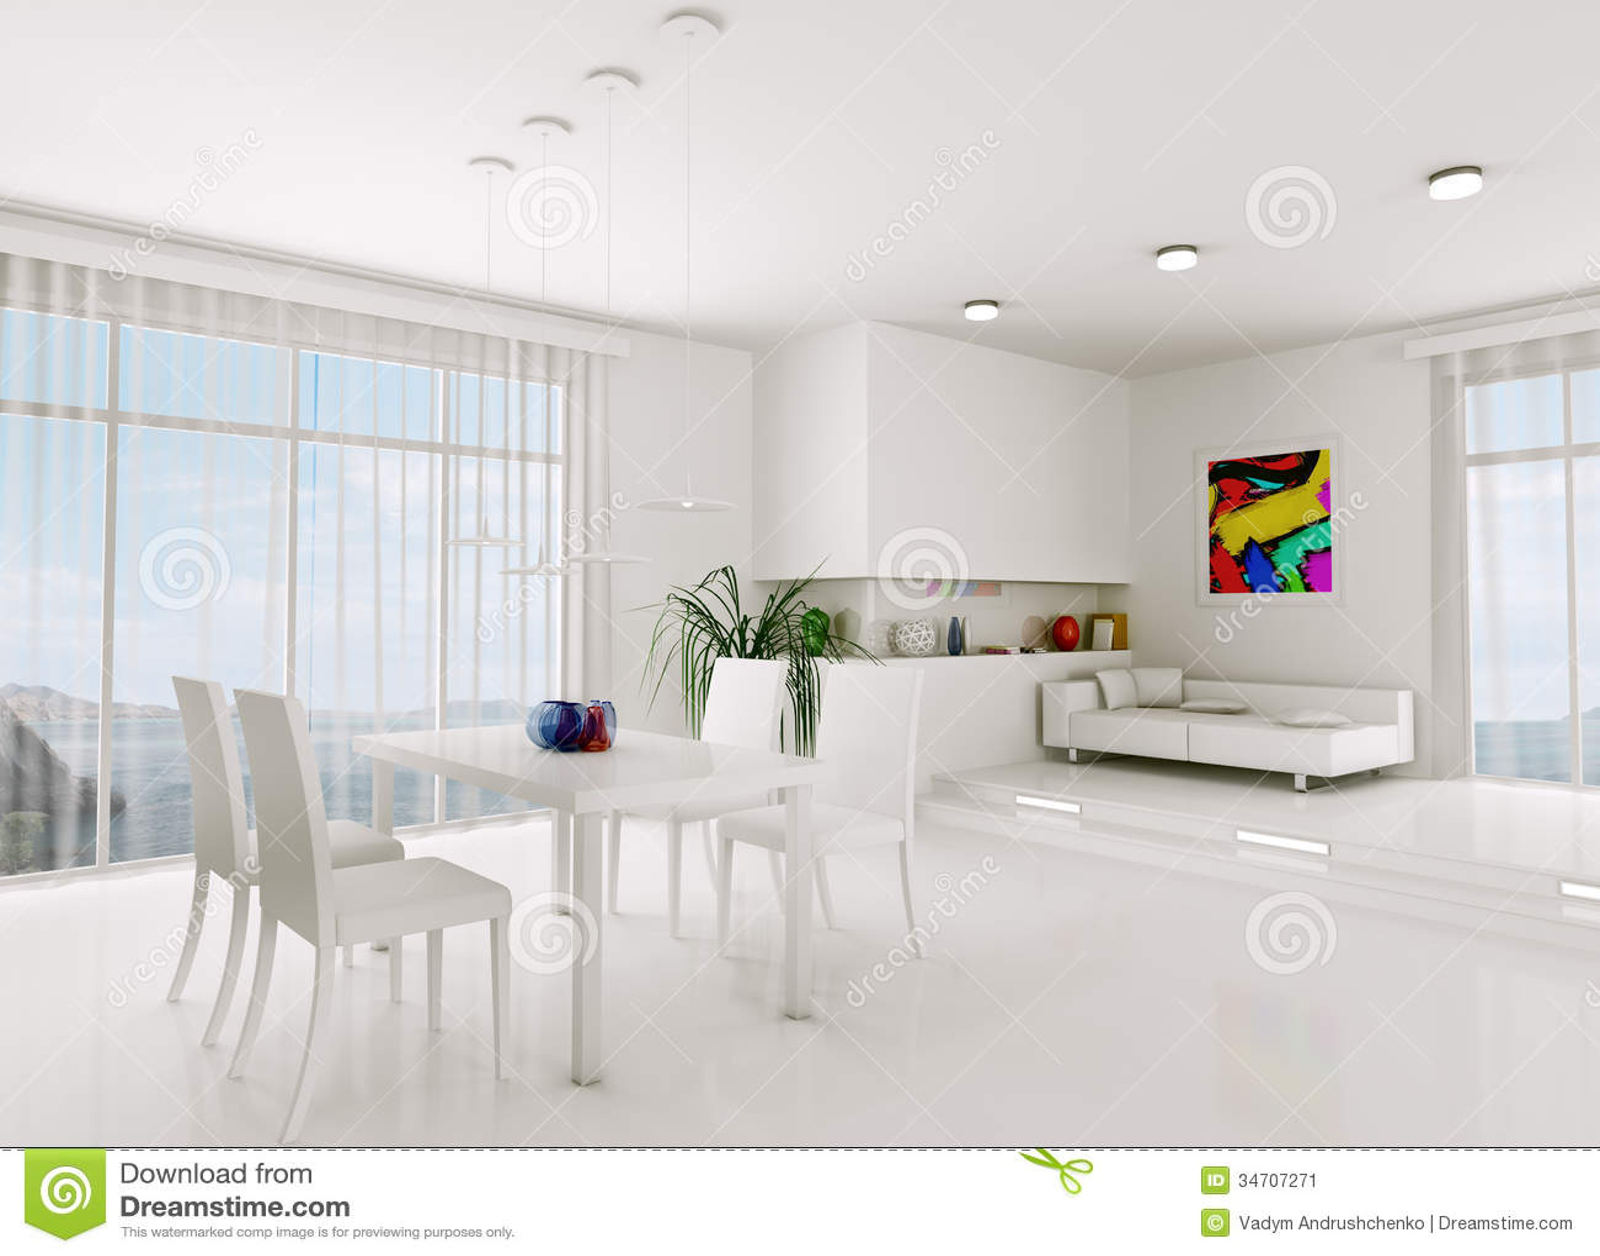 modern white stock panorama living room d render interior illustration lamp house of